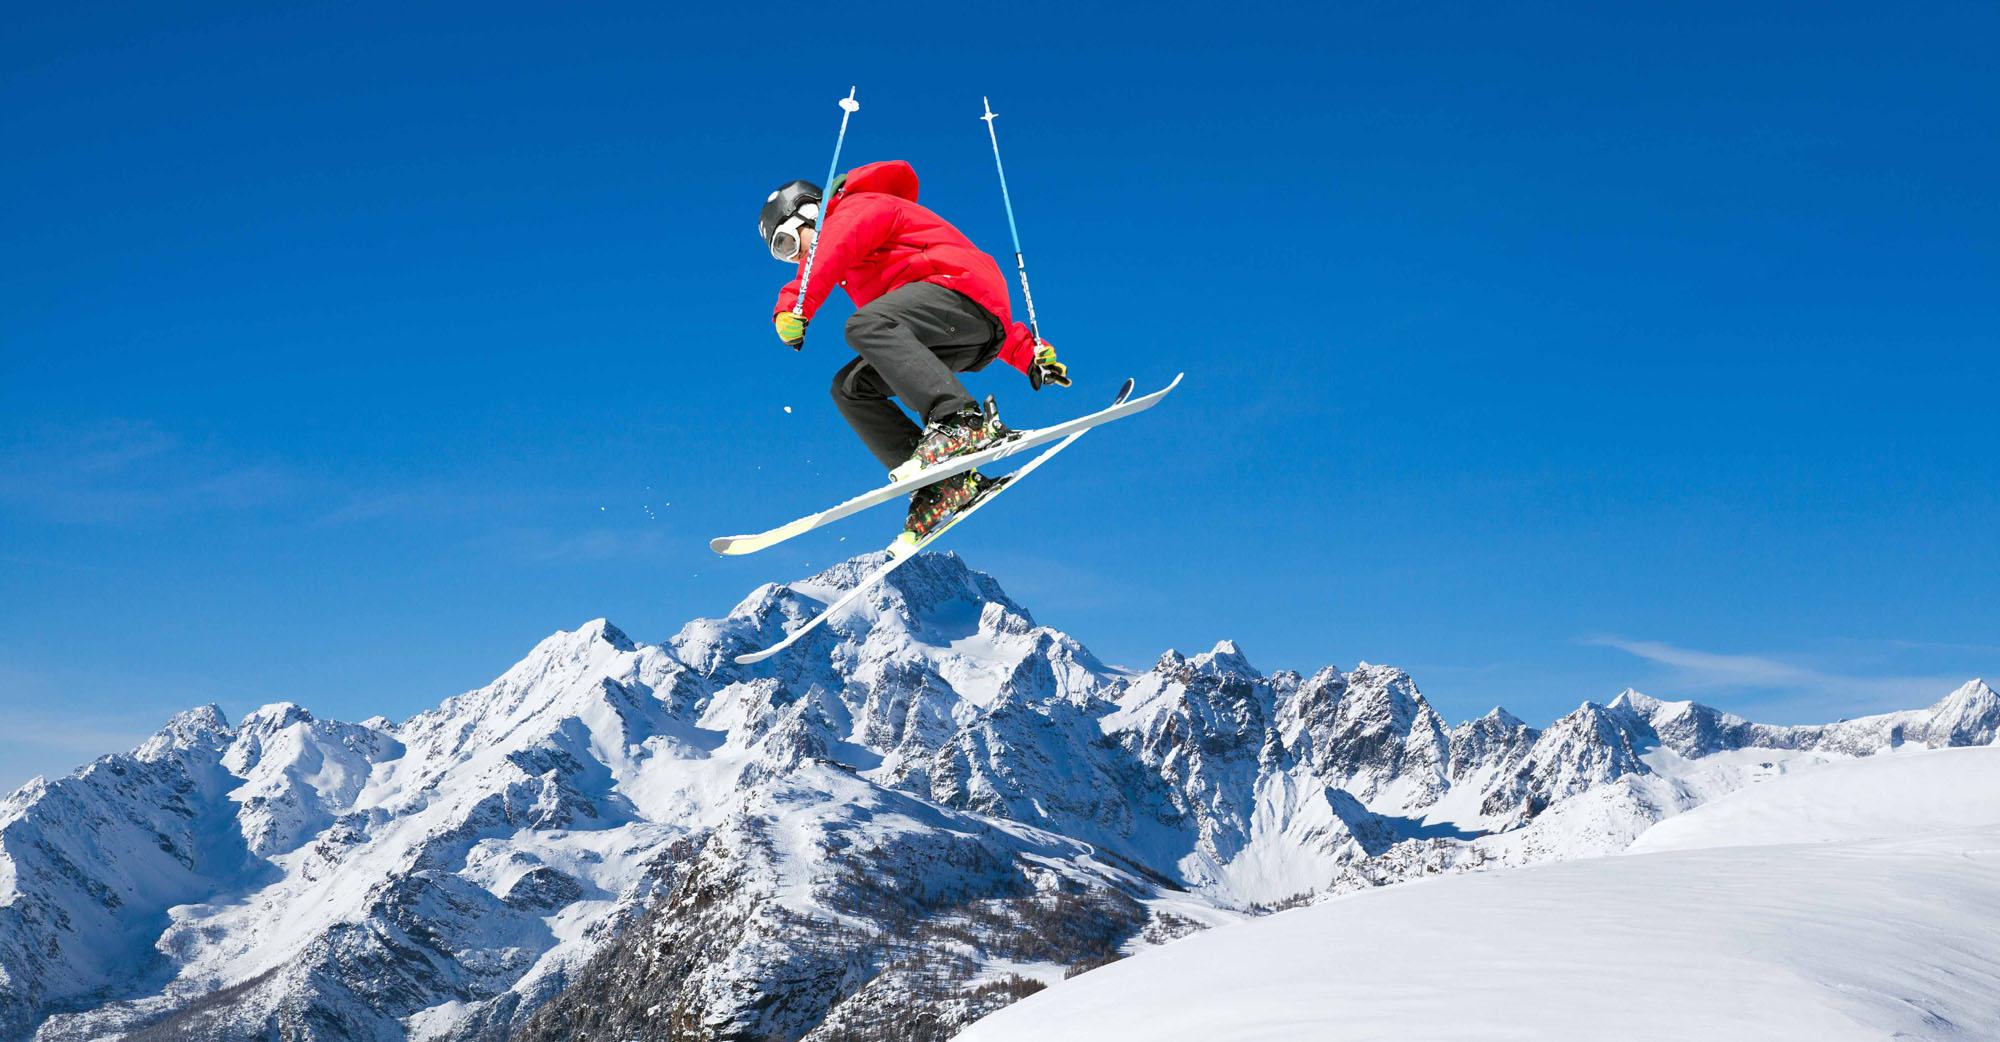 SkiJump_2000